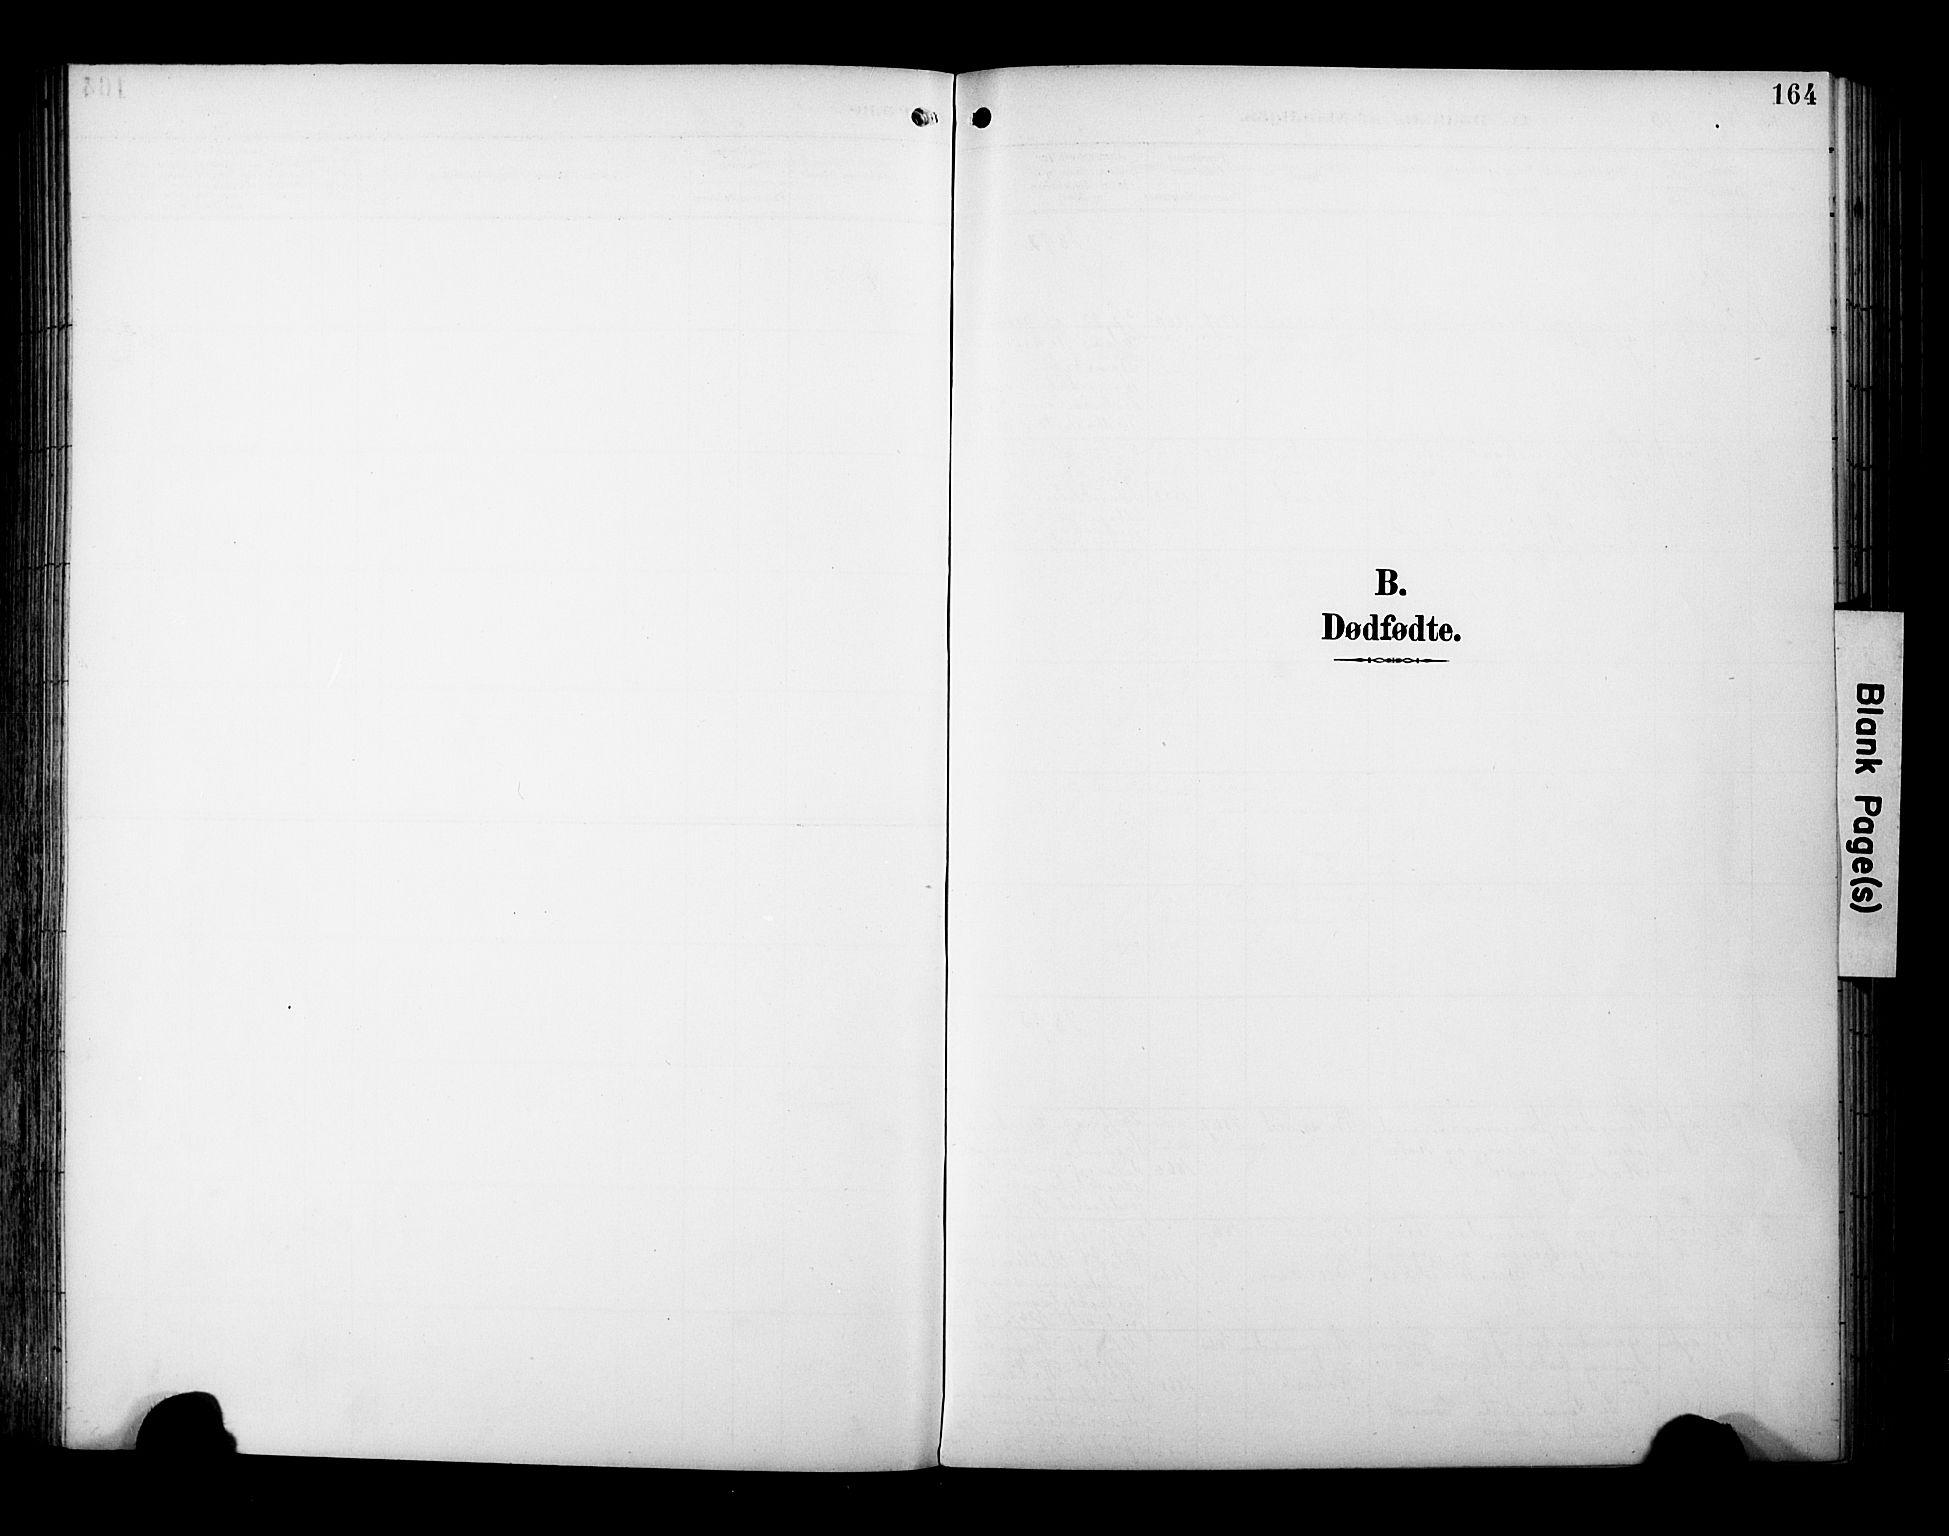 SAT, Ministerialprotokoller, klokkerbøker og fødselsregistre - Sør-Trøndelag, 695/L1149: Ministerialbok nr. 695A09, 1891-1902, s. 164